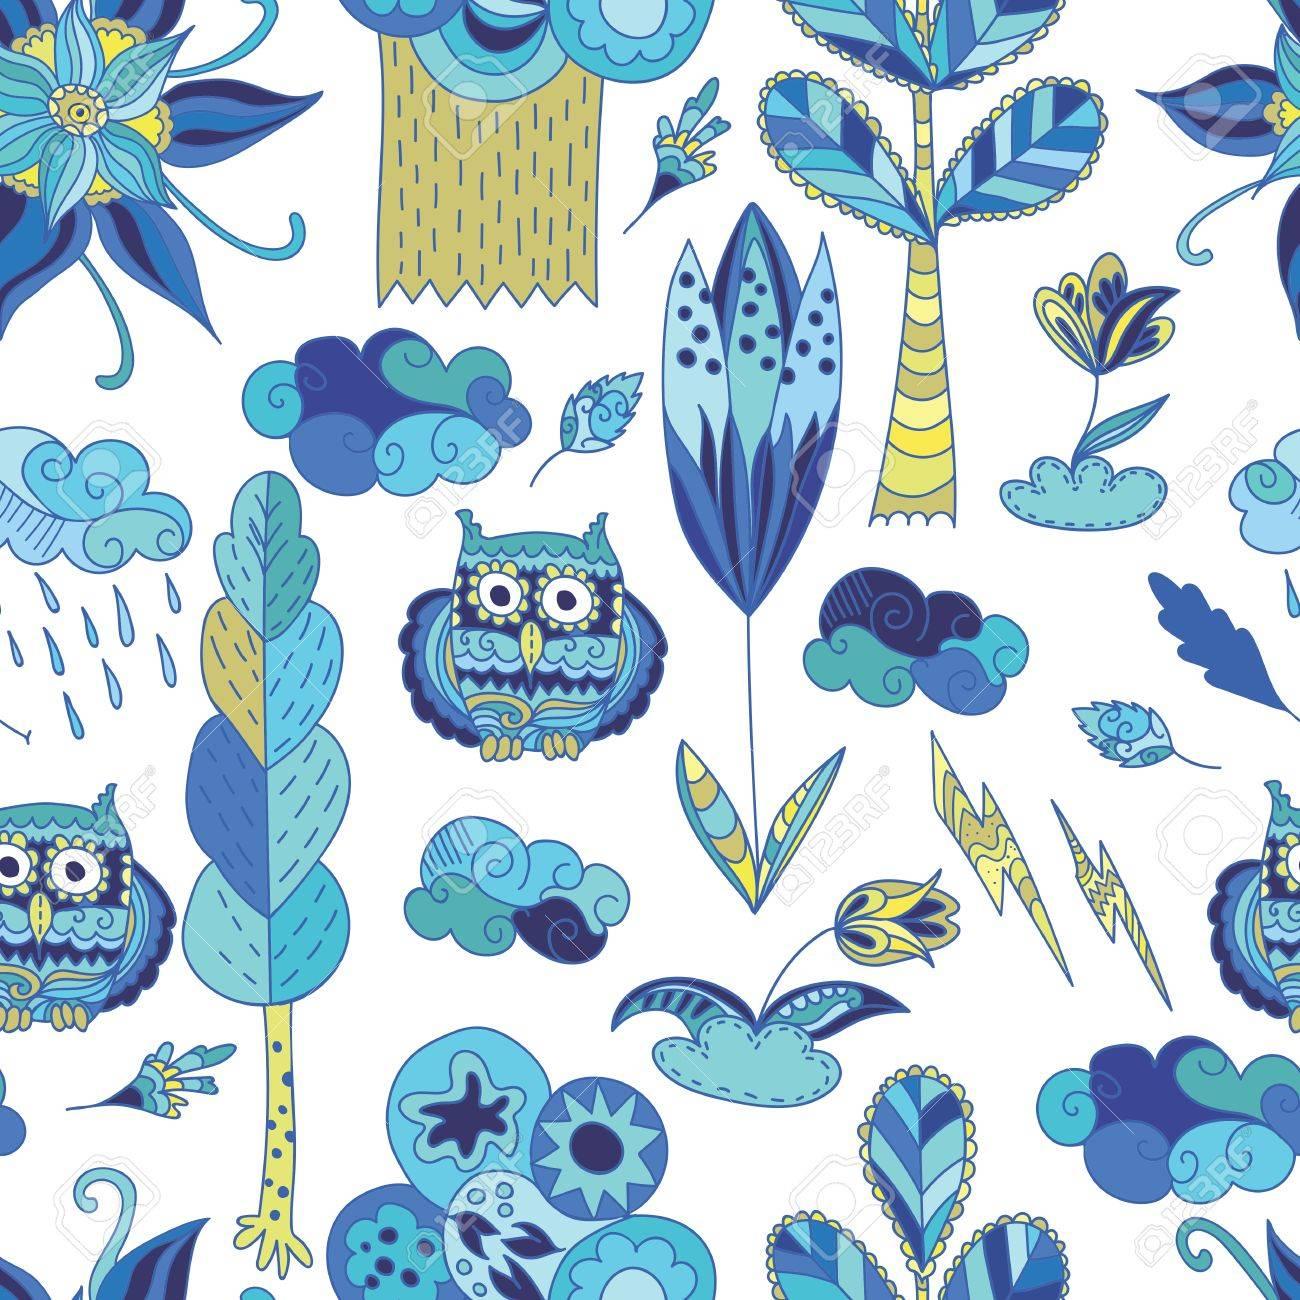 布と紙のデザインで木のフクロウ花雲子供イラスト ロイヤリティフリー